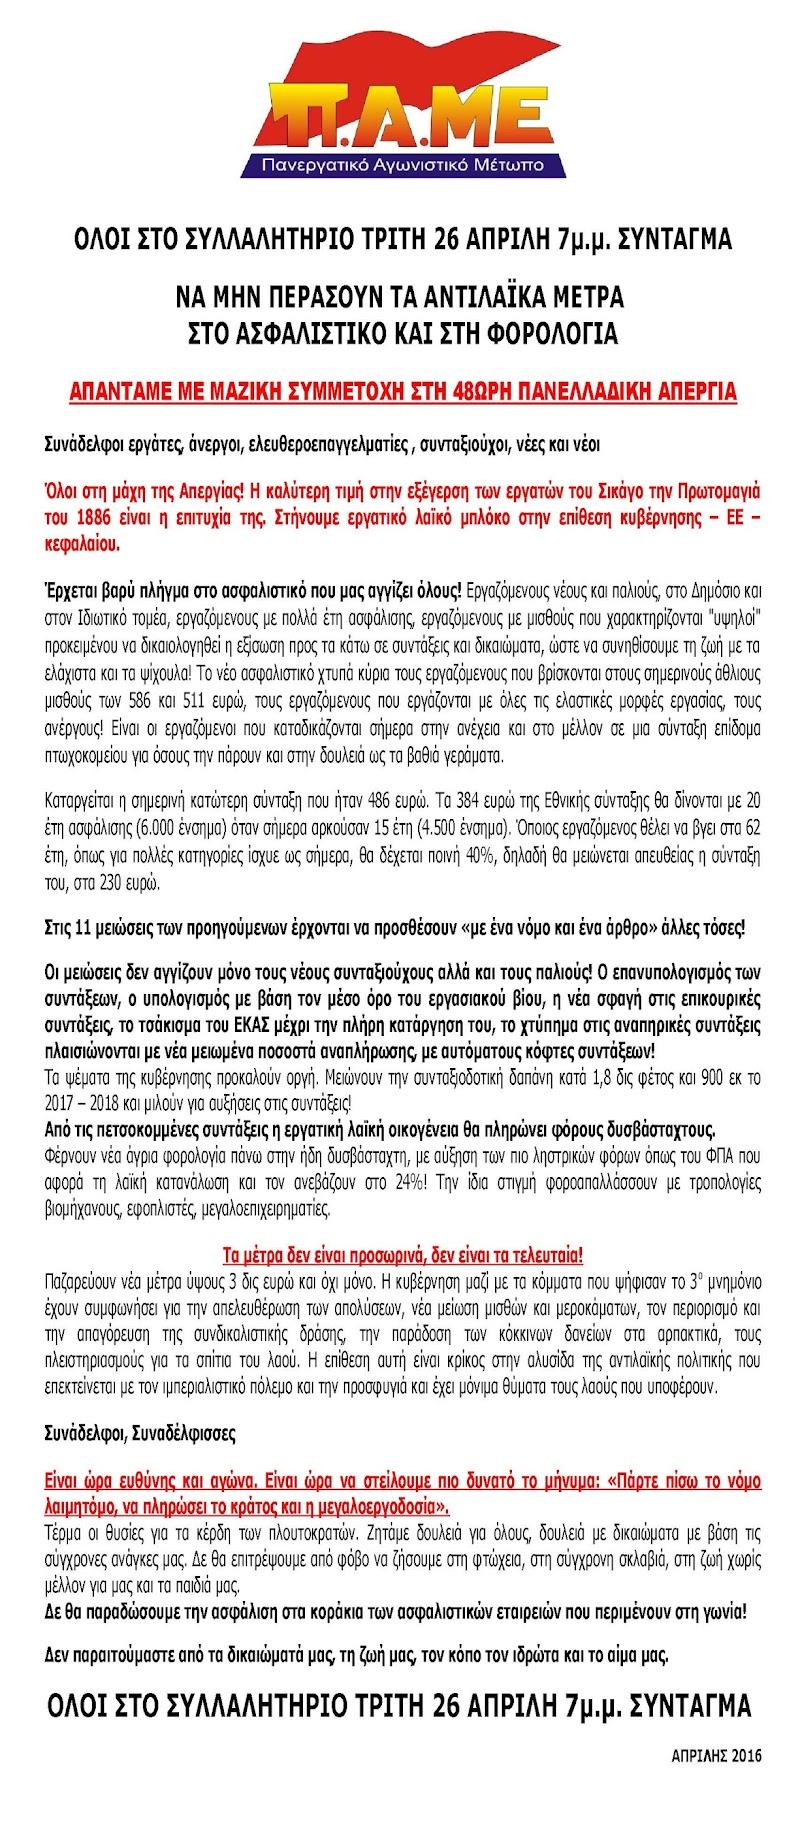 Όλοι στο συλλαλητήριο Τρίτη 26 Απρίλη 7μ.μ. Σύνταγμα - Προσυγκέντρωση ΛΕΚ στις 18:15 Στύλοι Ολυμπίου Διός